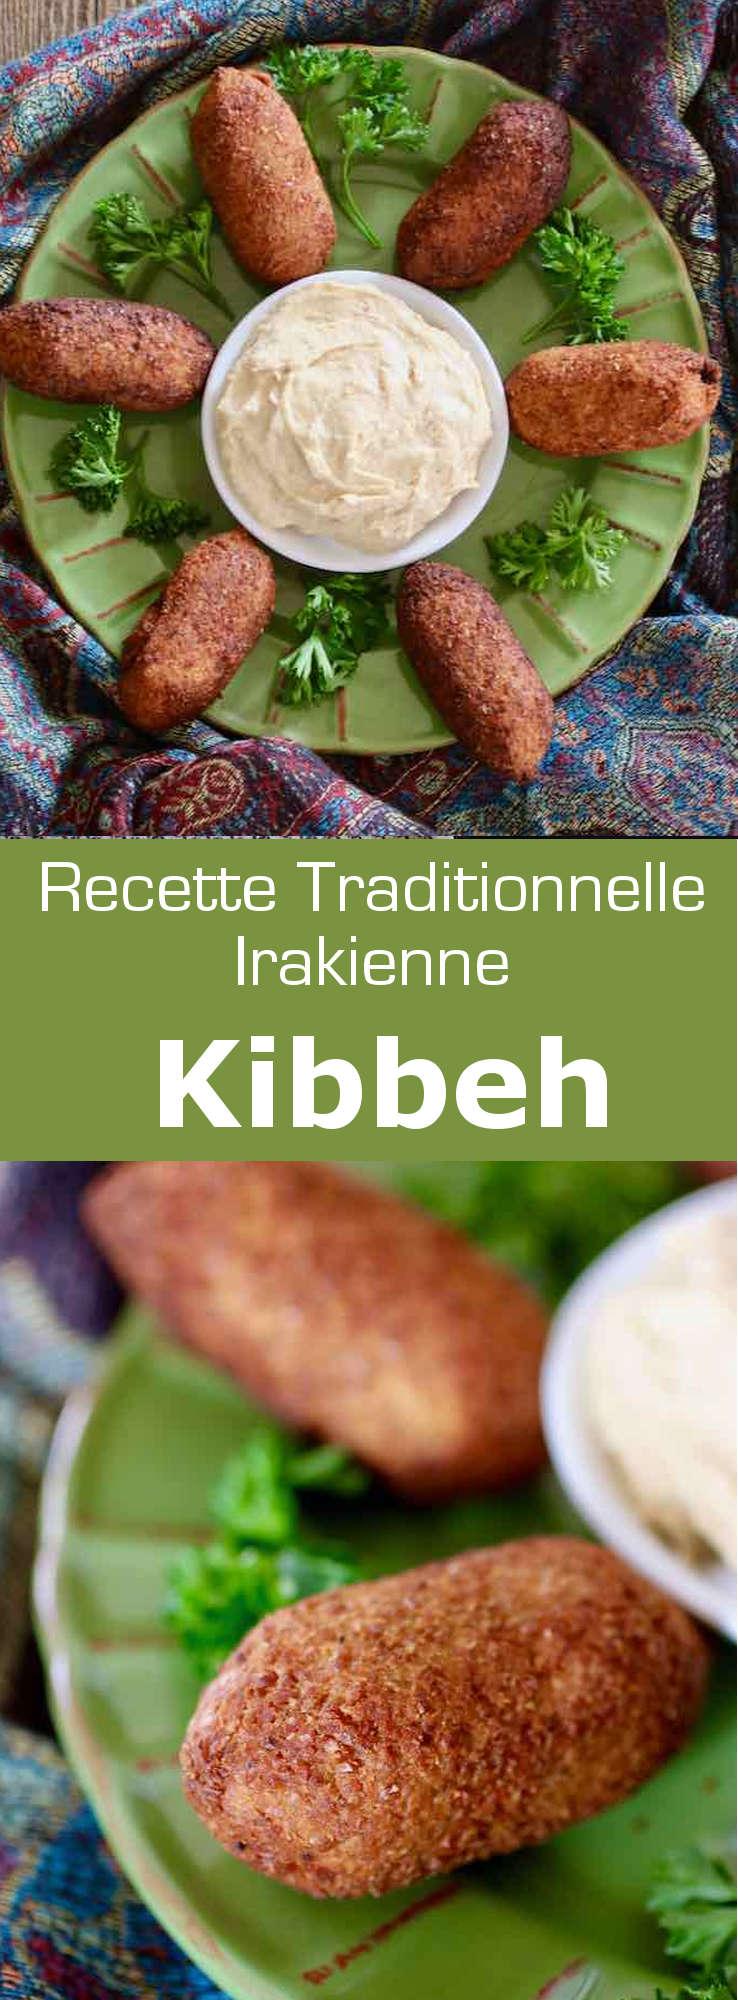 Le kebbeh est une croquette de la cuisine levantine frite, en forme de torpille préparée à base de viande hachée enveloppée dans du boulghour.